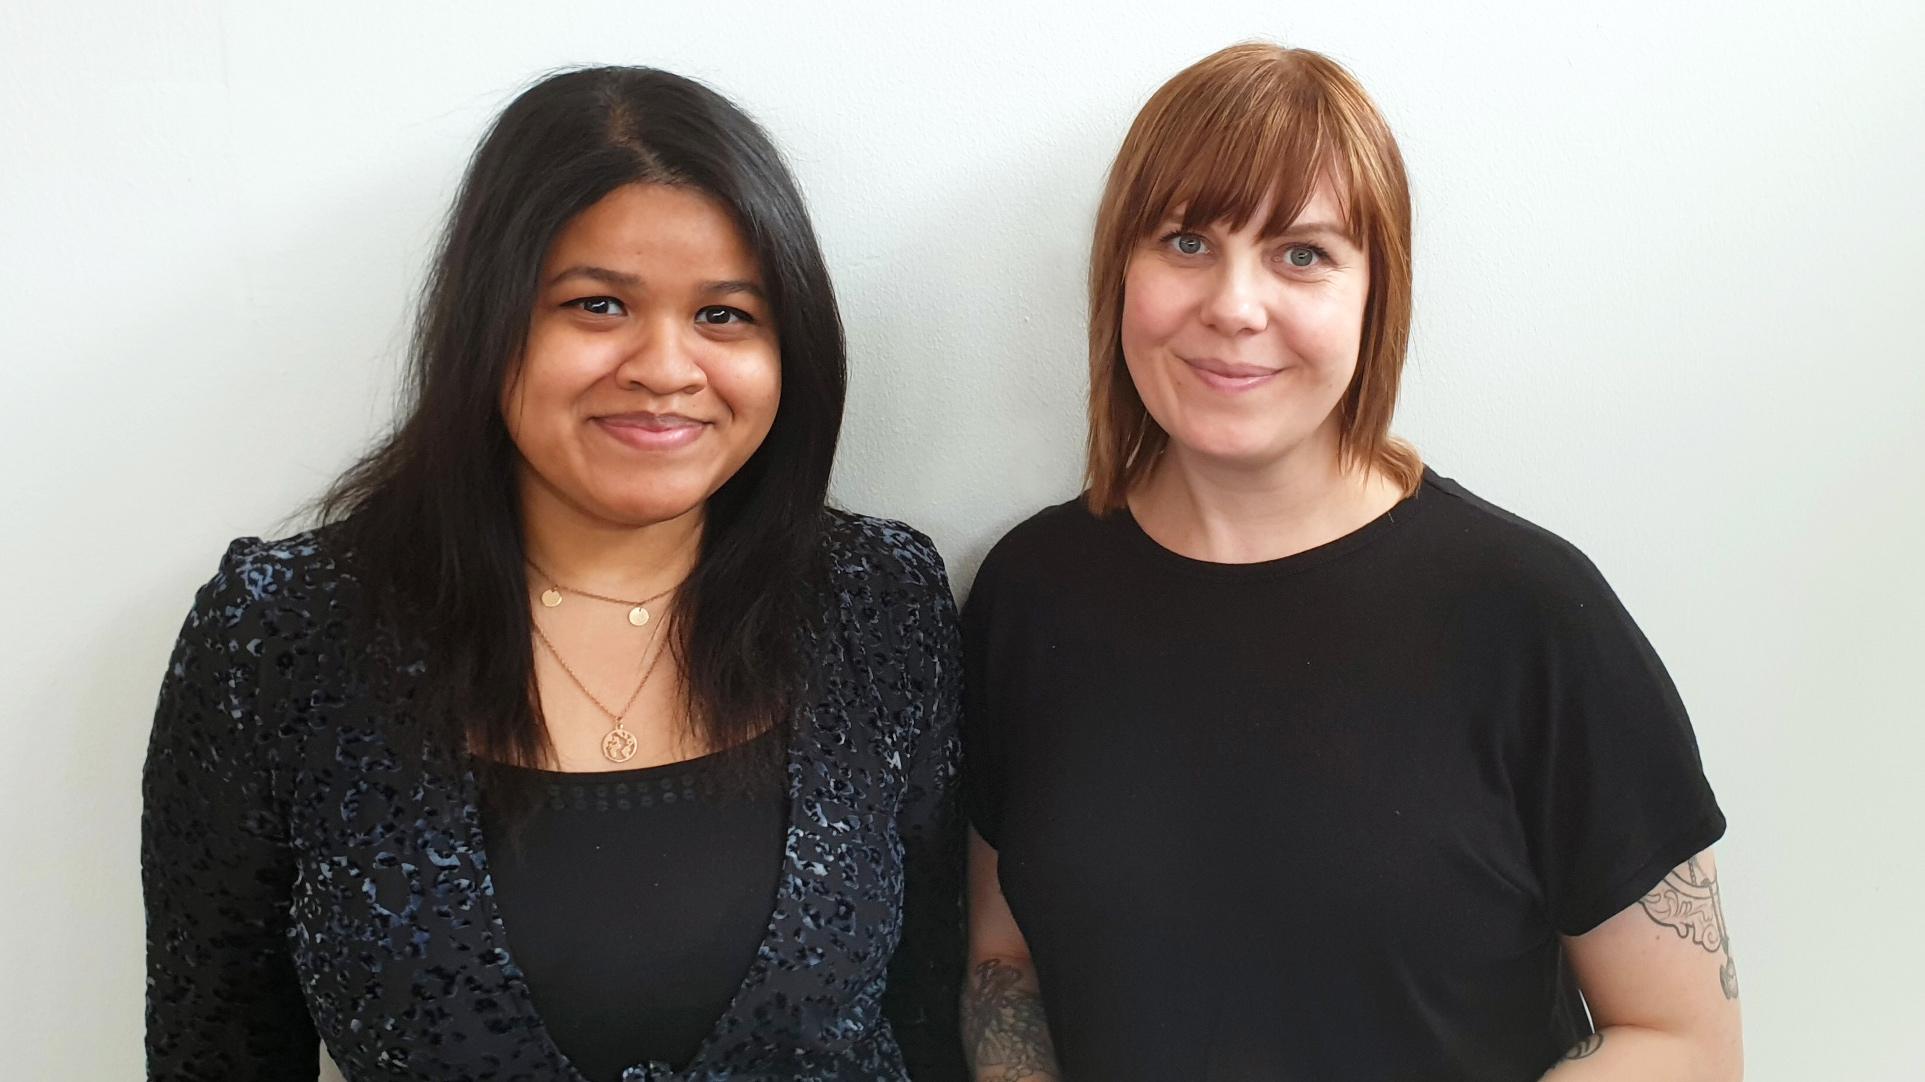 Maya Umar och Ingrid Fridesjö vann kategorin Impact Maker under Venture Cup Nords Regionfinal den 12 maj.